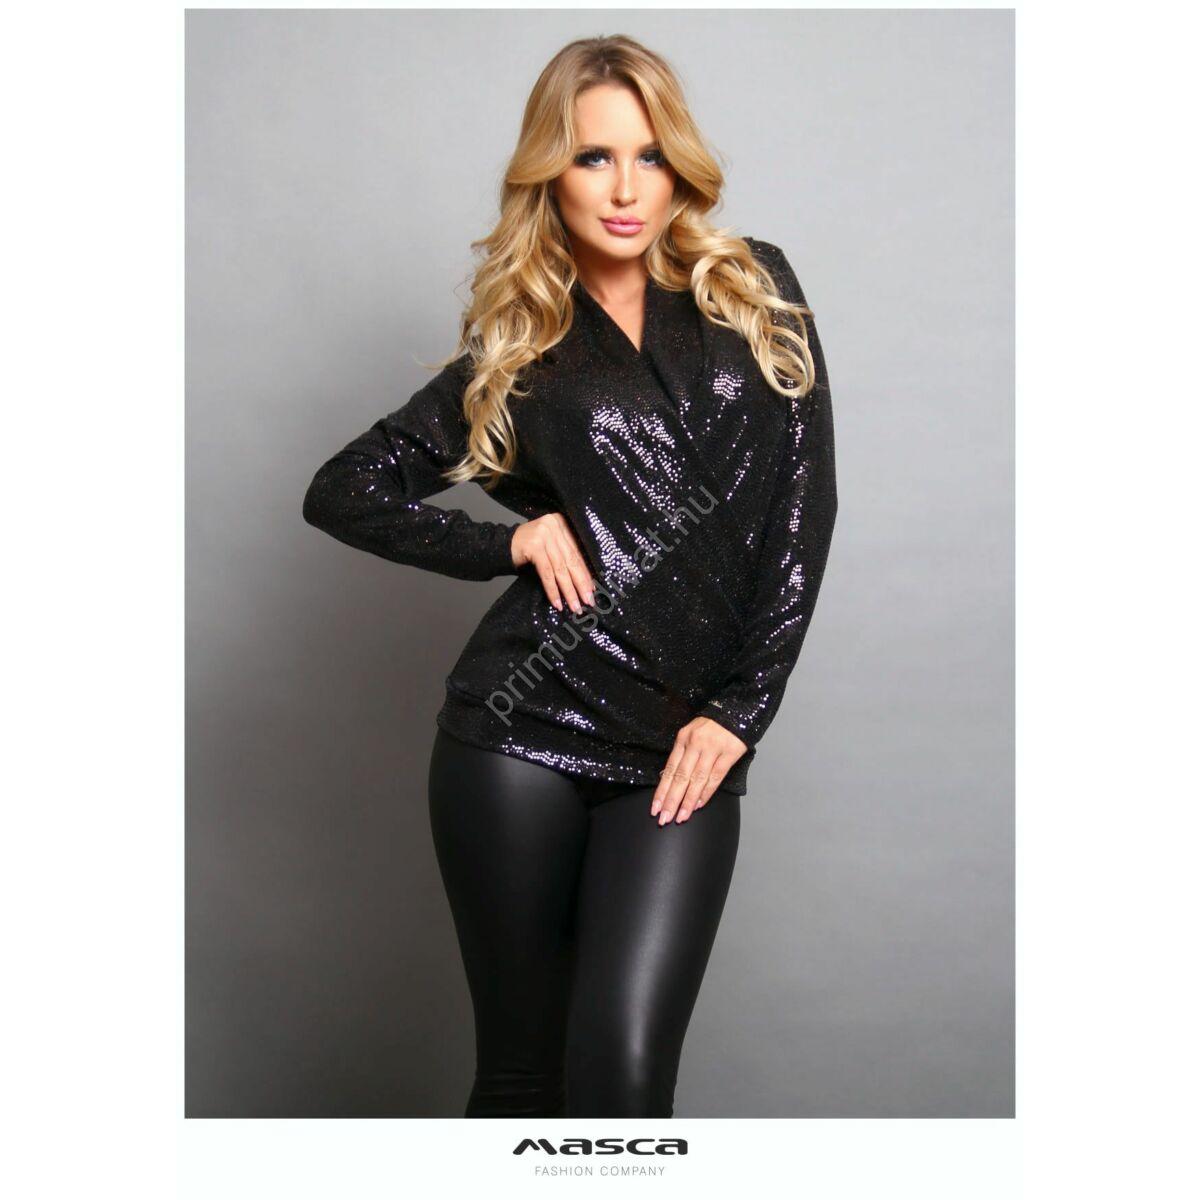 Masca Fashion átlapolt, ráncolt elejű hosszú ujjú, csillogó flitteres fekete alkalmi felső